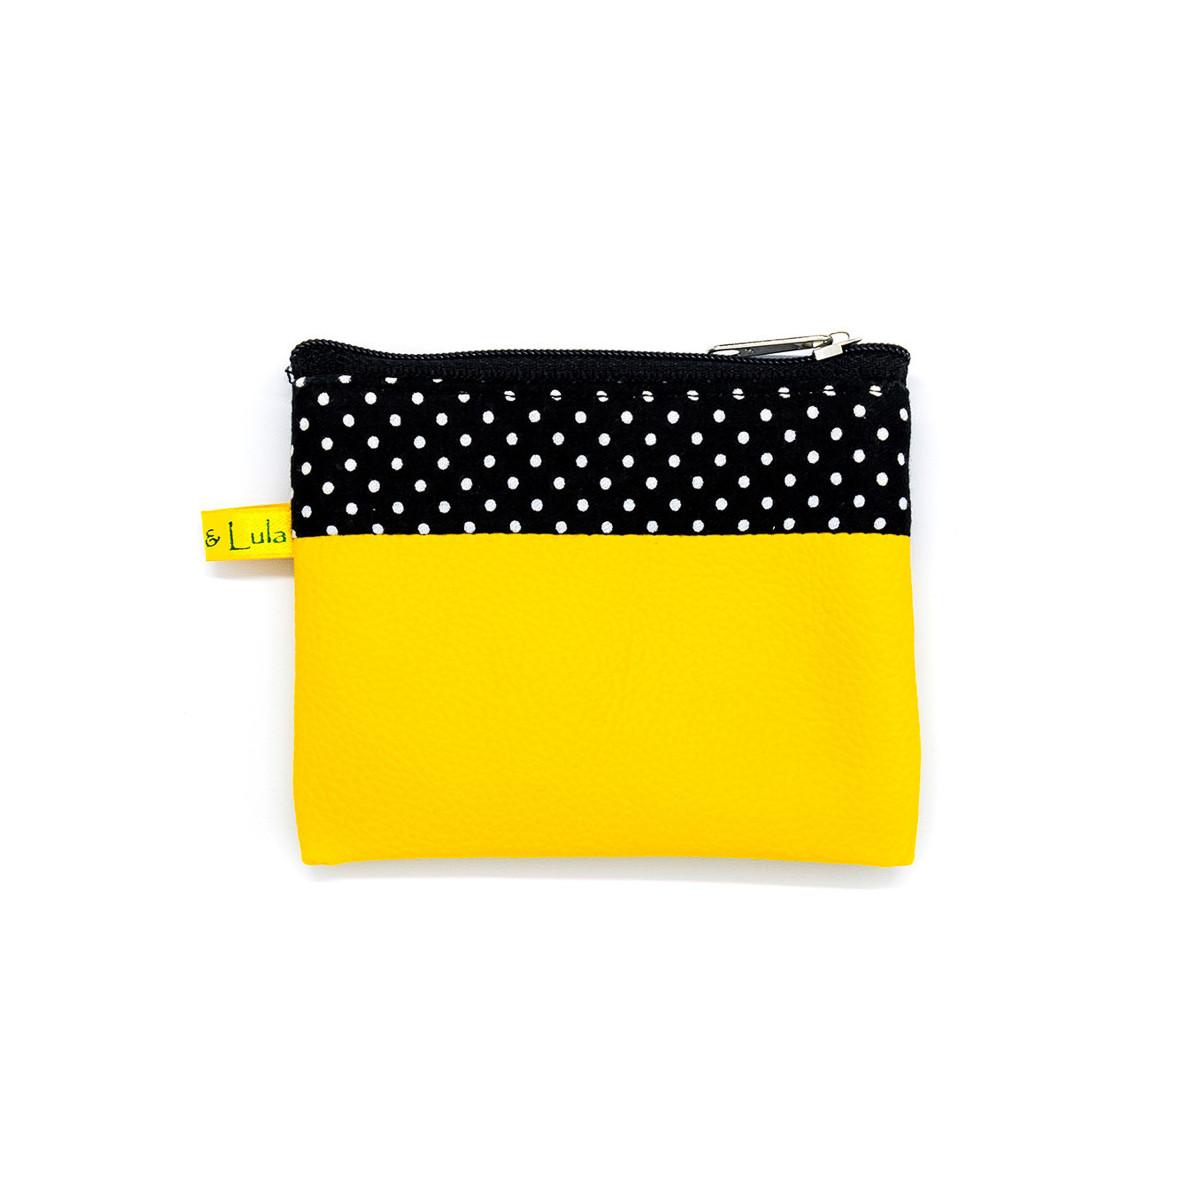 Petit porte-monnaie zippé jaune et noir à pois